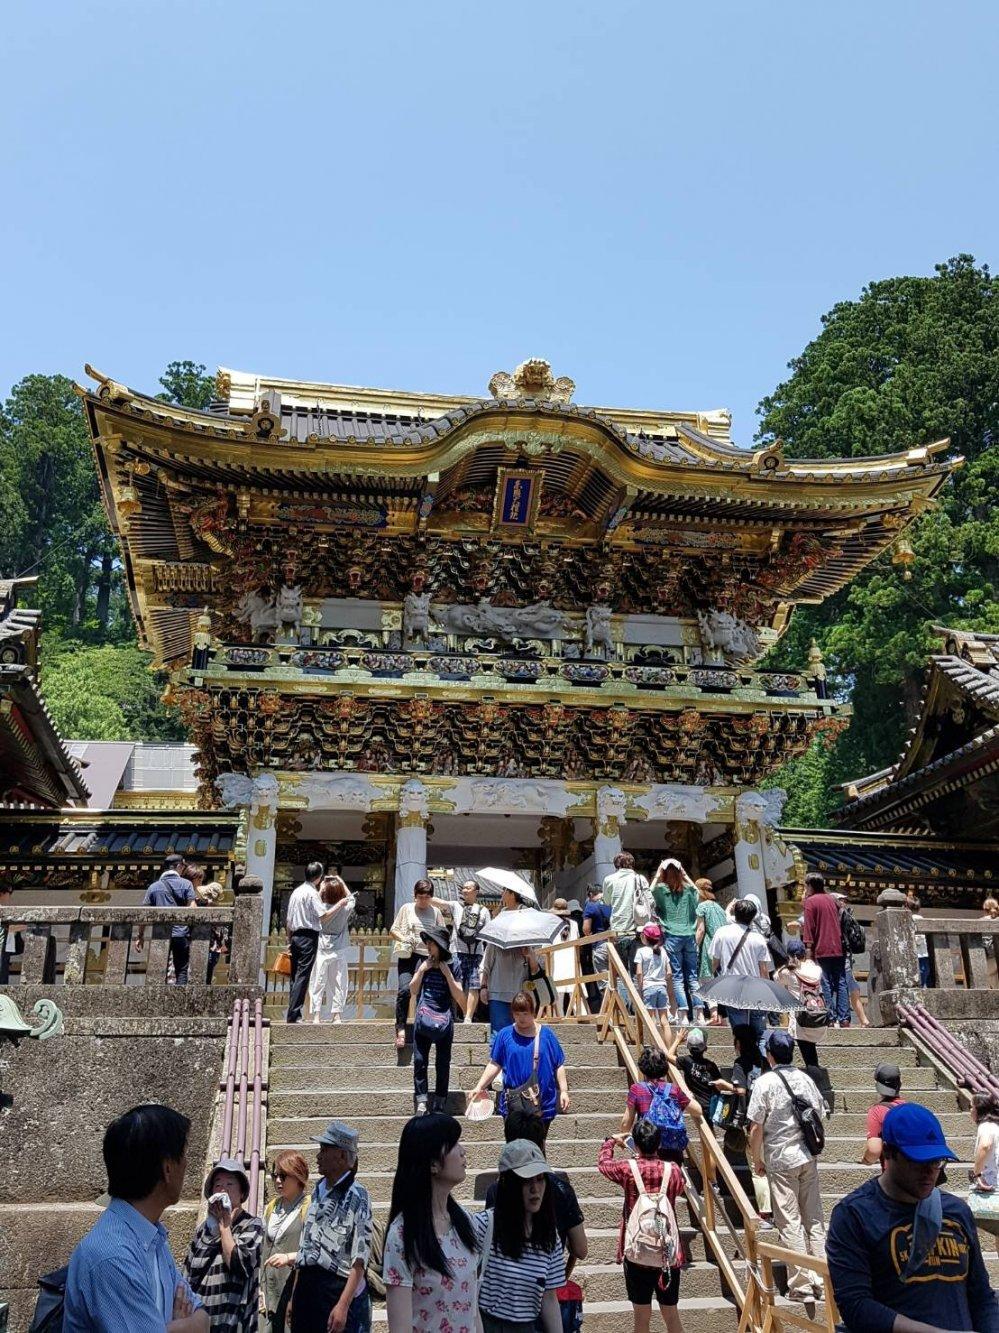 หนึ่งในหลายประตูอันงดงามของศาลเจ้าโทะโชะกุ (Toshogu)